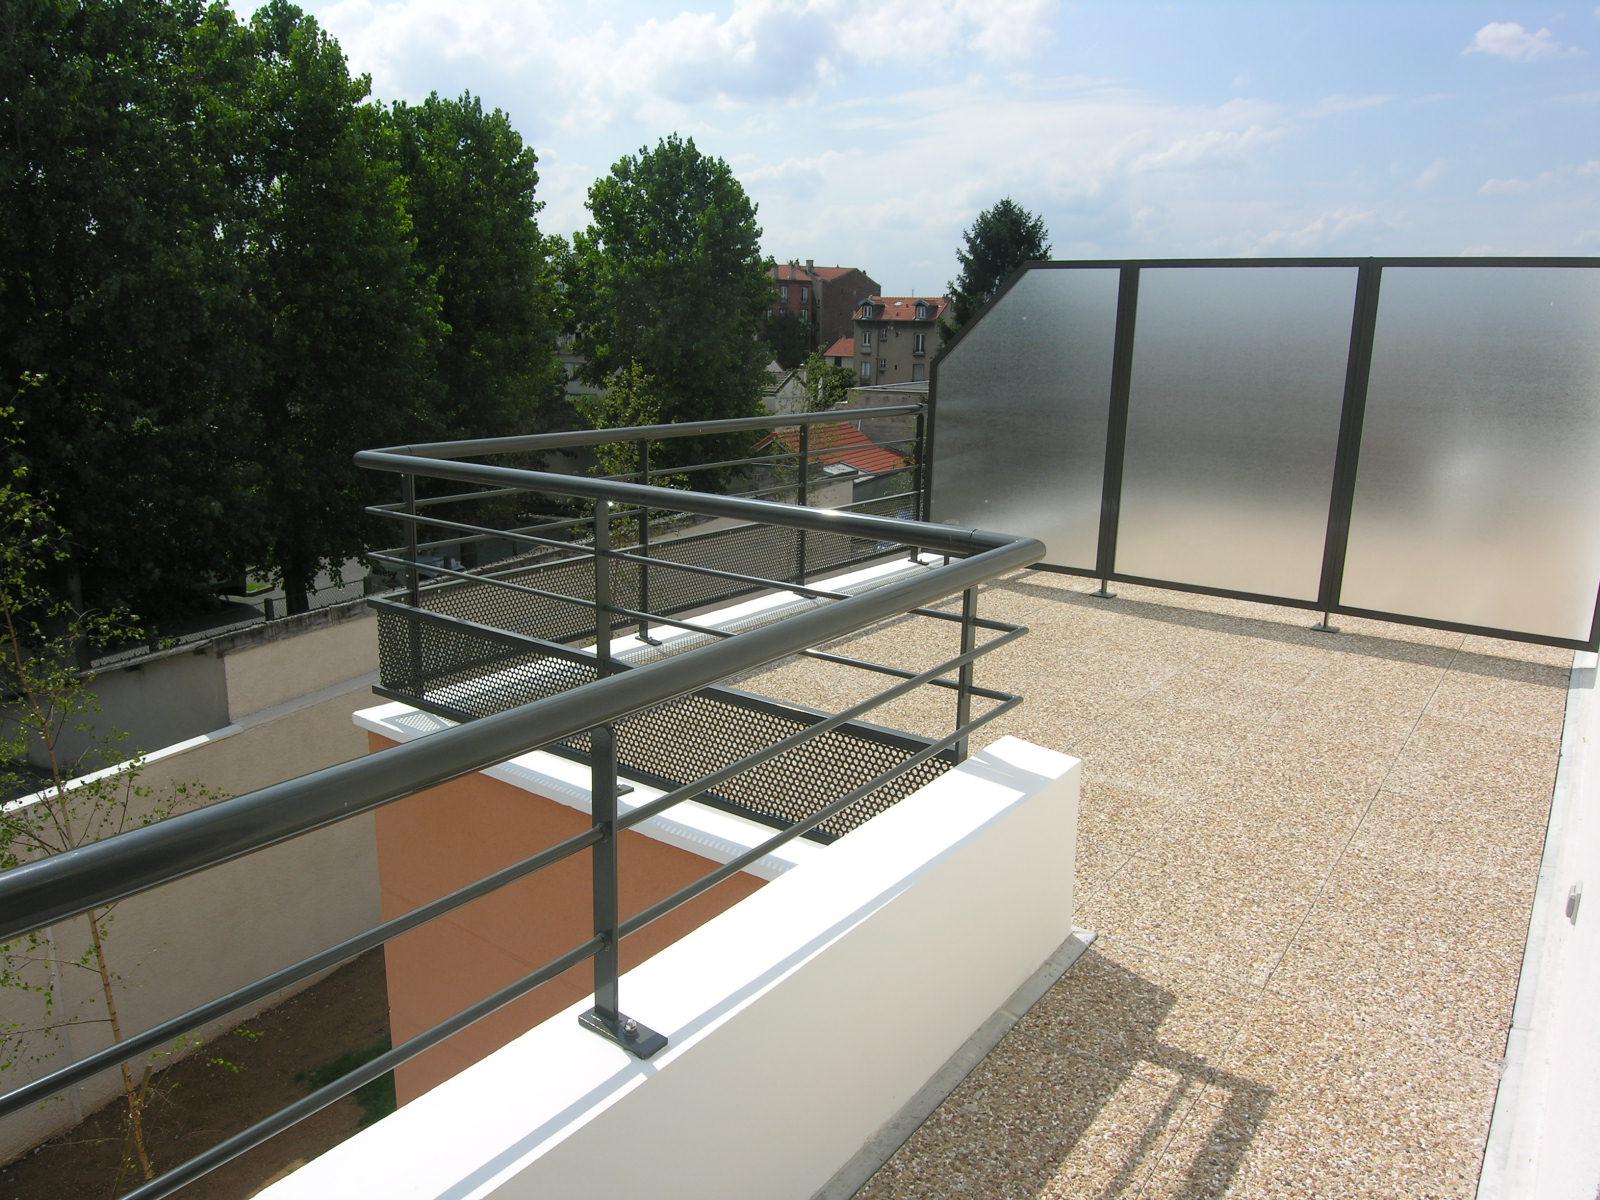 4 Pièces 84m² + Terrasse 26m² <br /> Bagnolet - Avenue Raspail <br /> 379 000 €